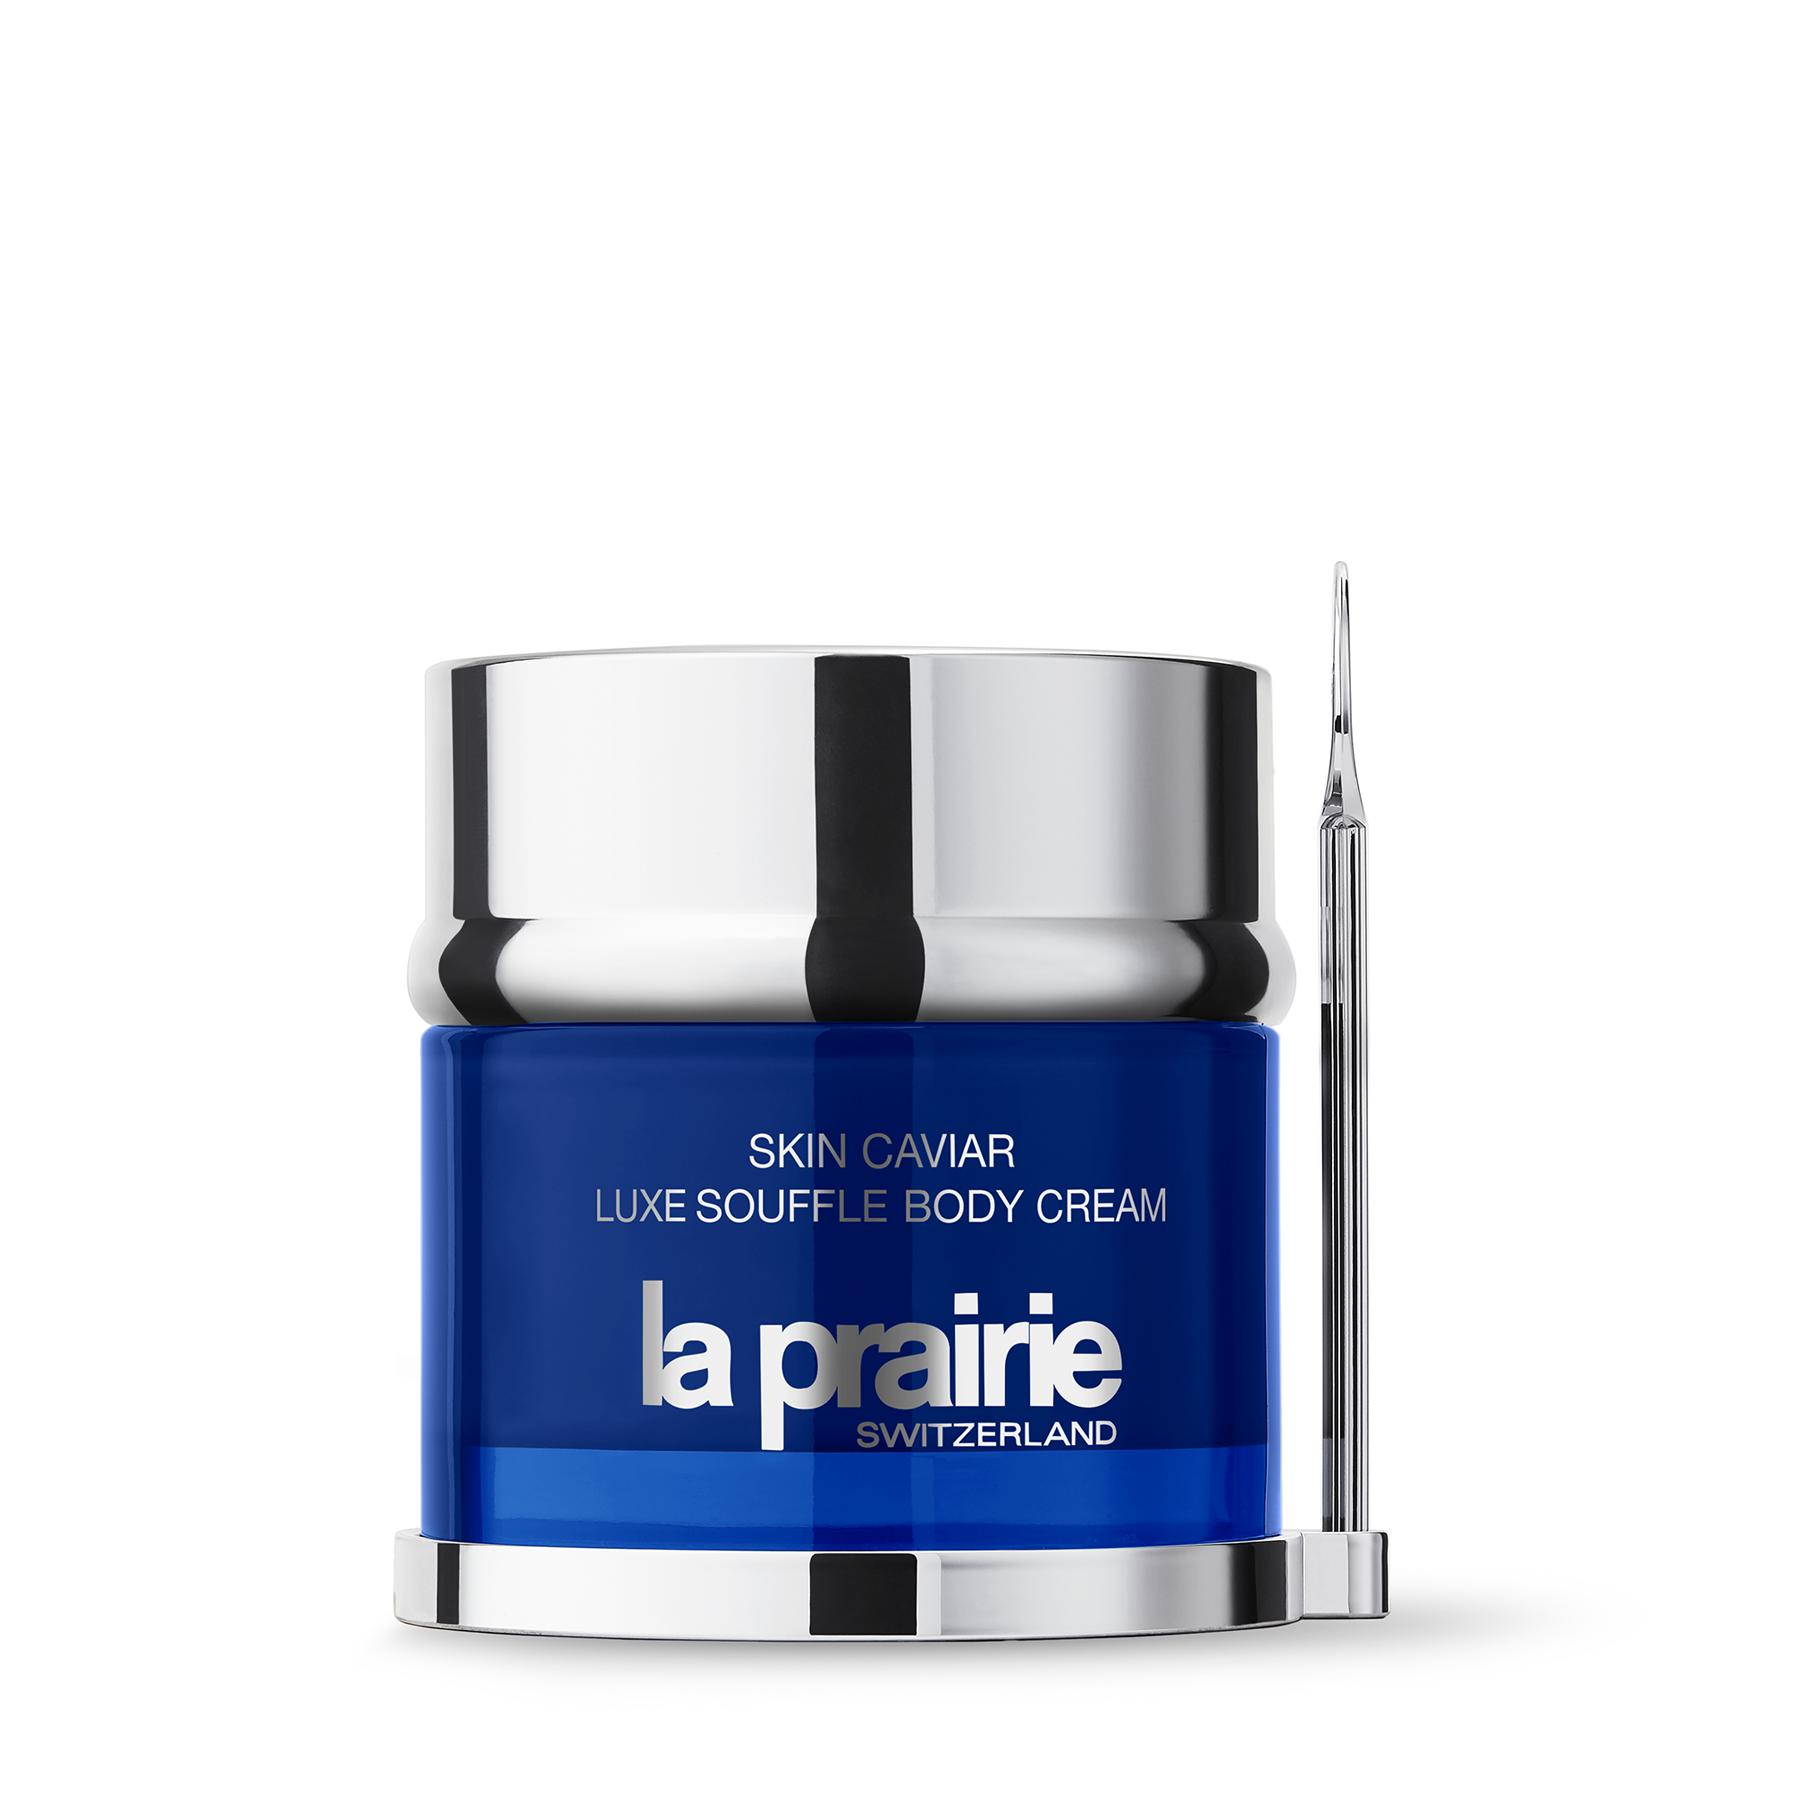 Skin Caviar Luxe Soufflé Body Cream